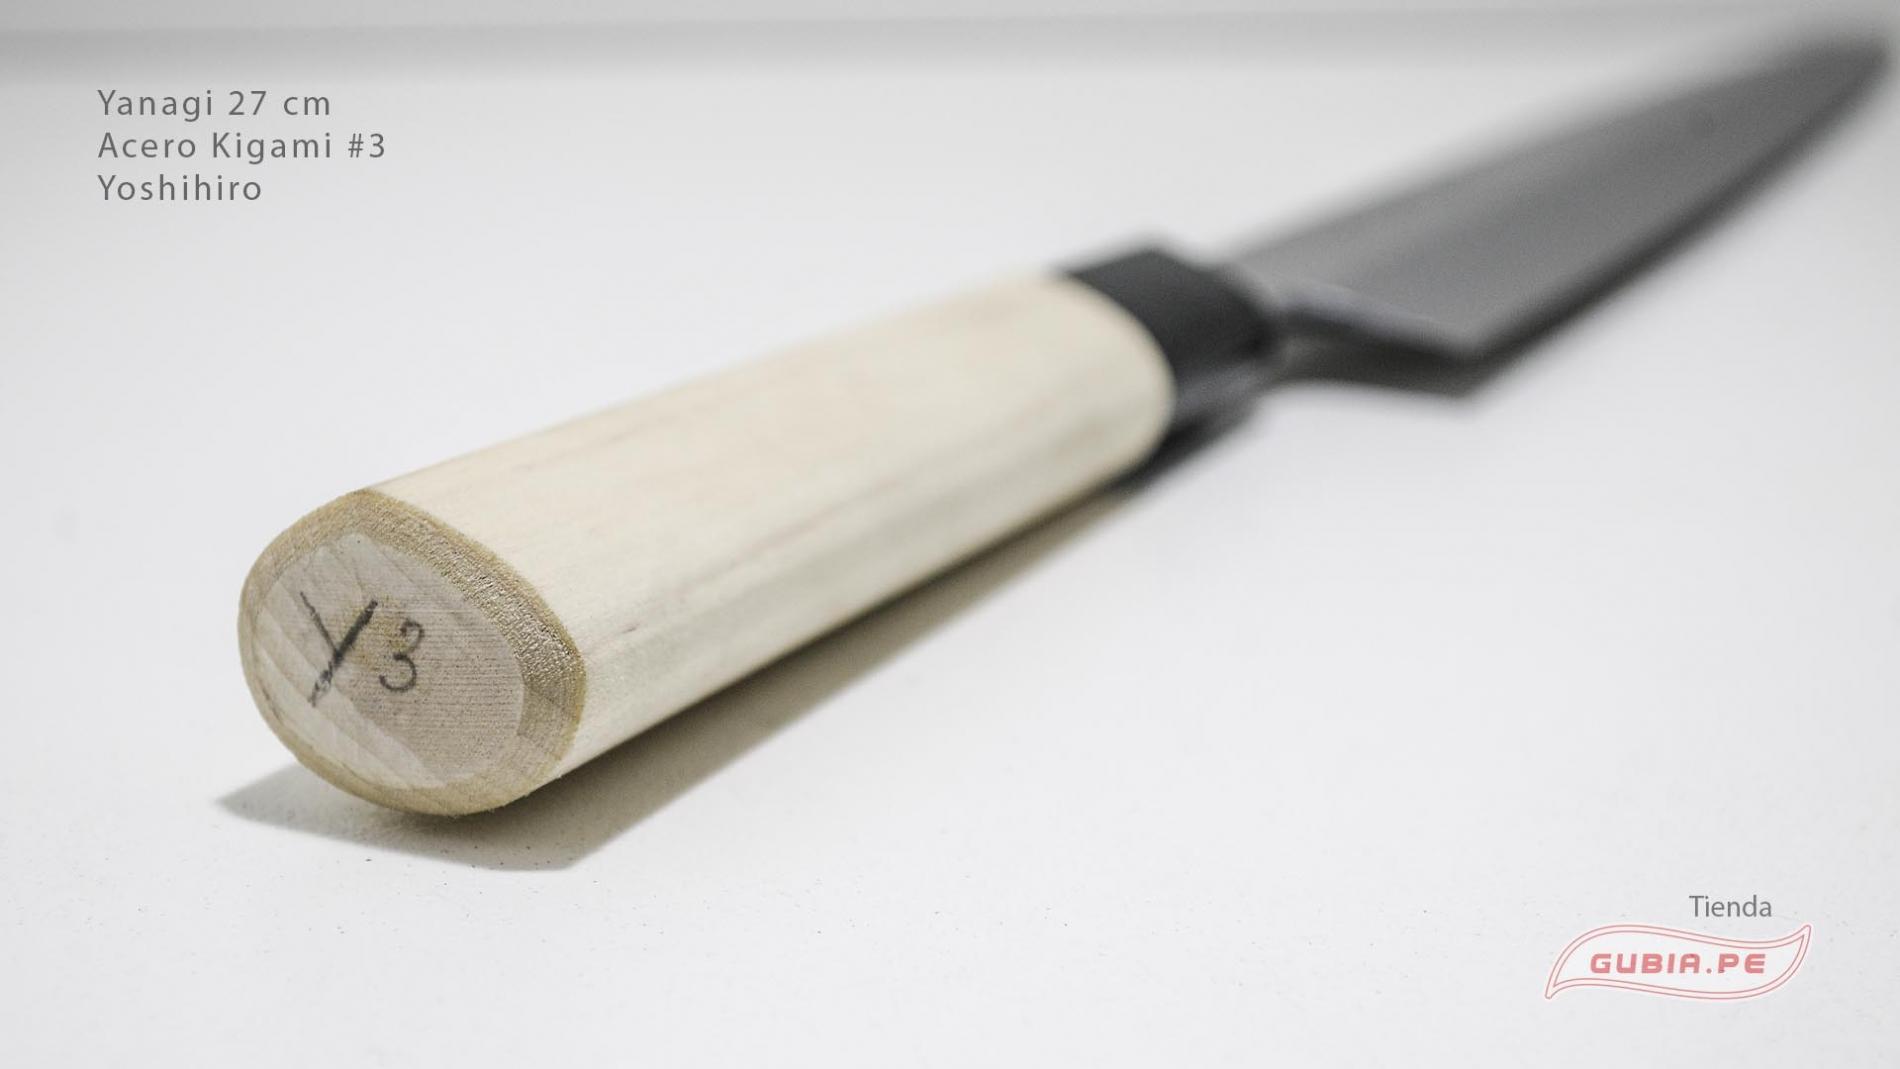 y27k3-Cuchillo Yanagi 27 cm acero Kigami #3 Yoshihiro y27k3-max-5.